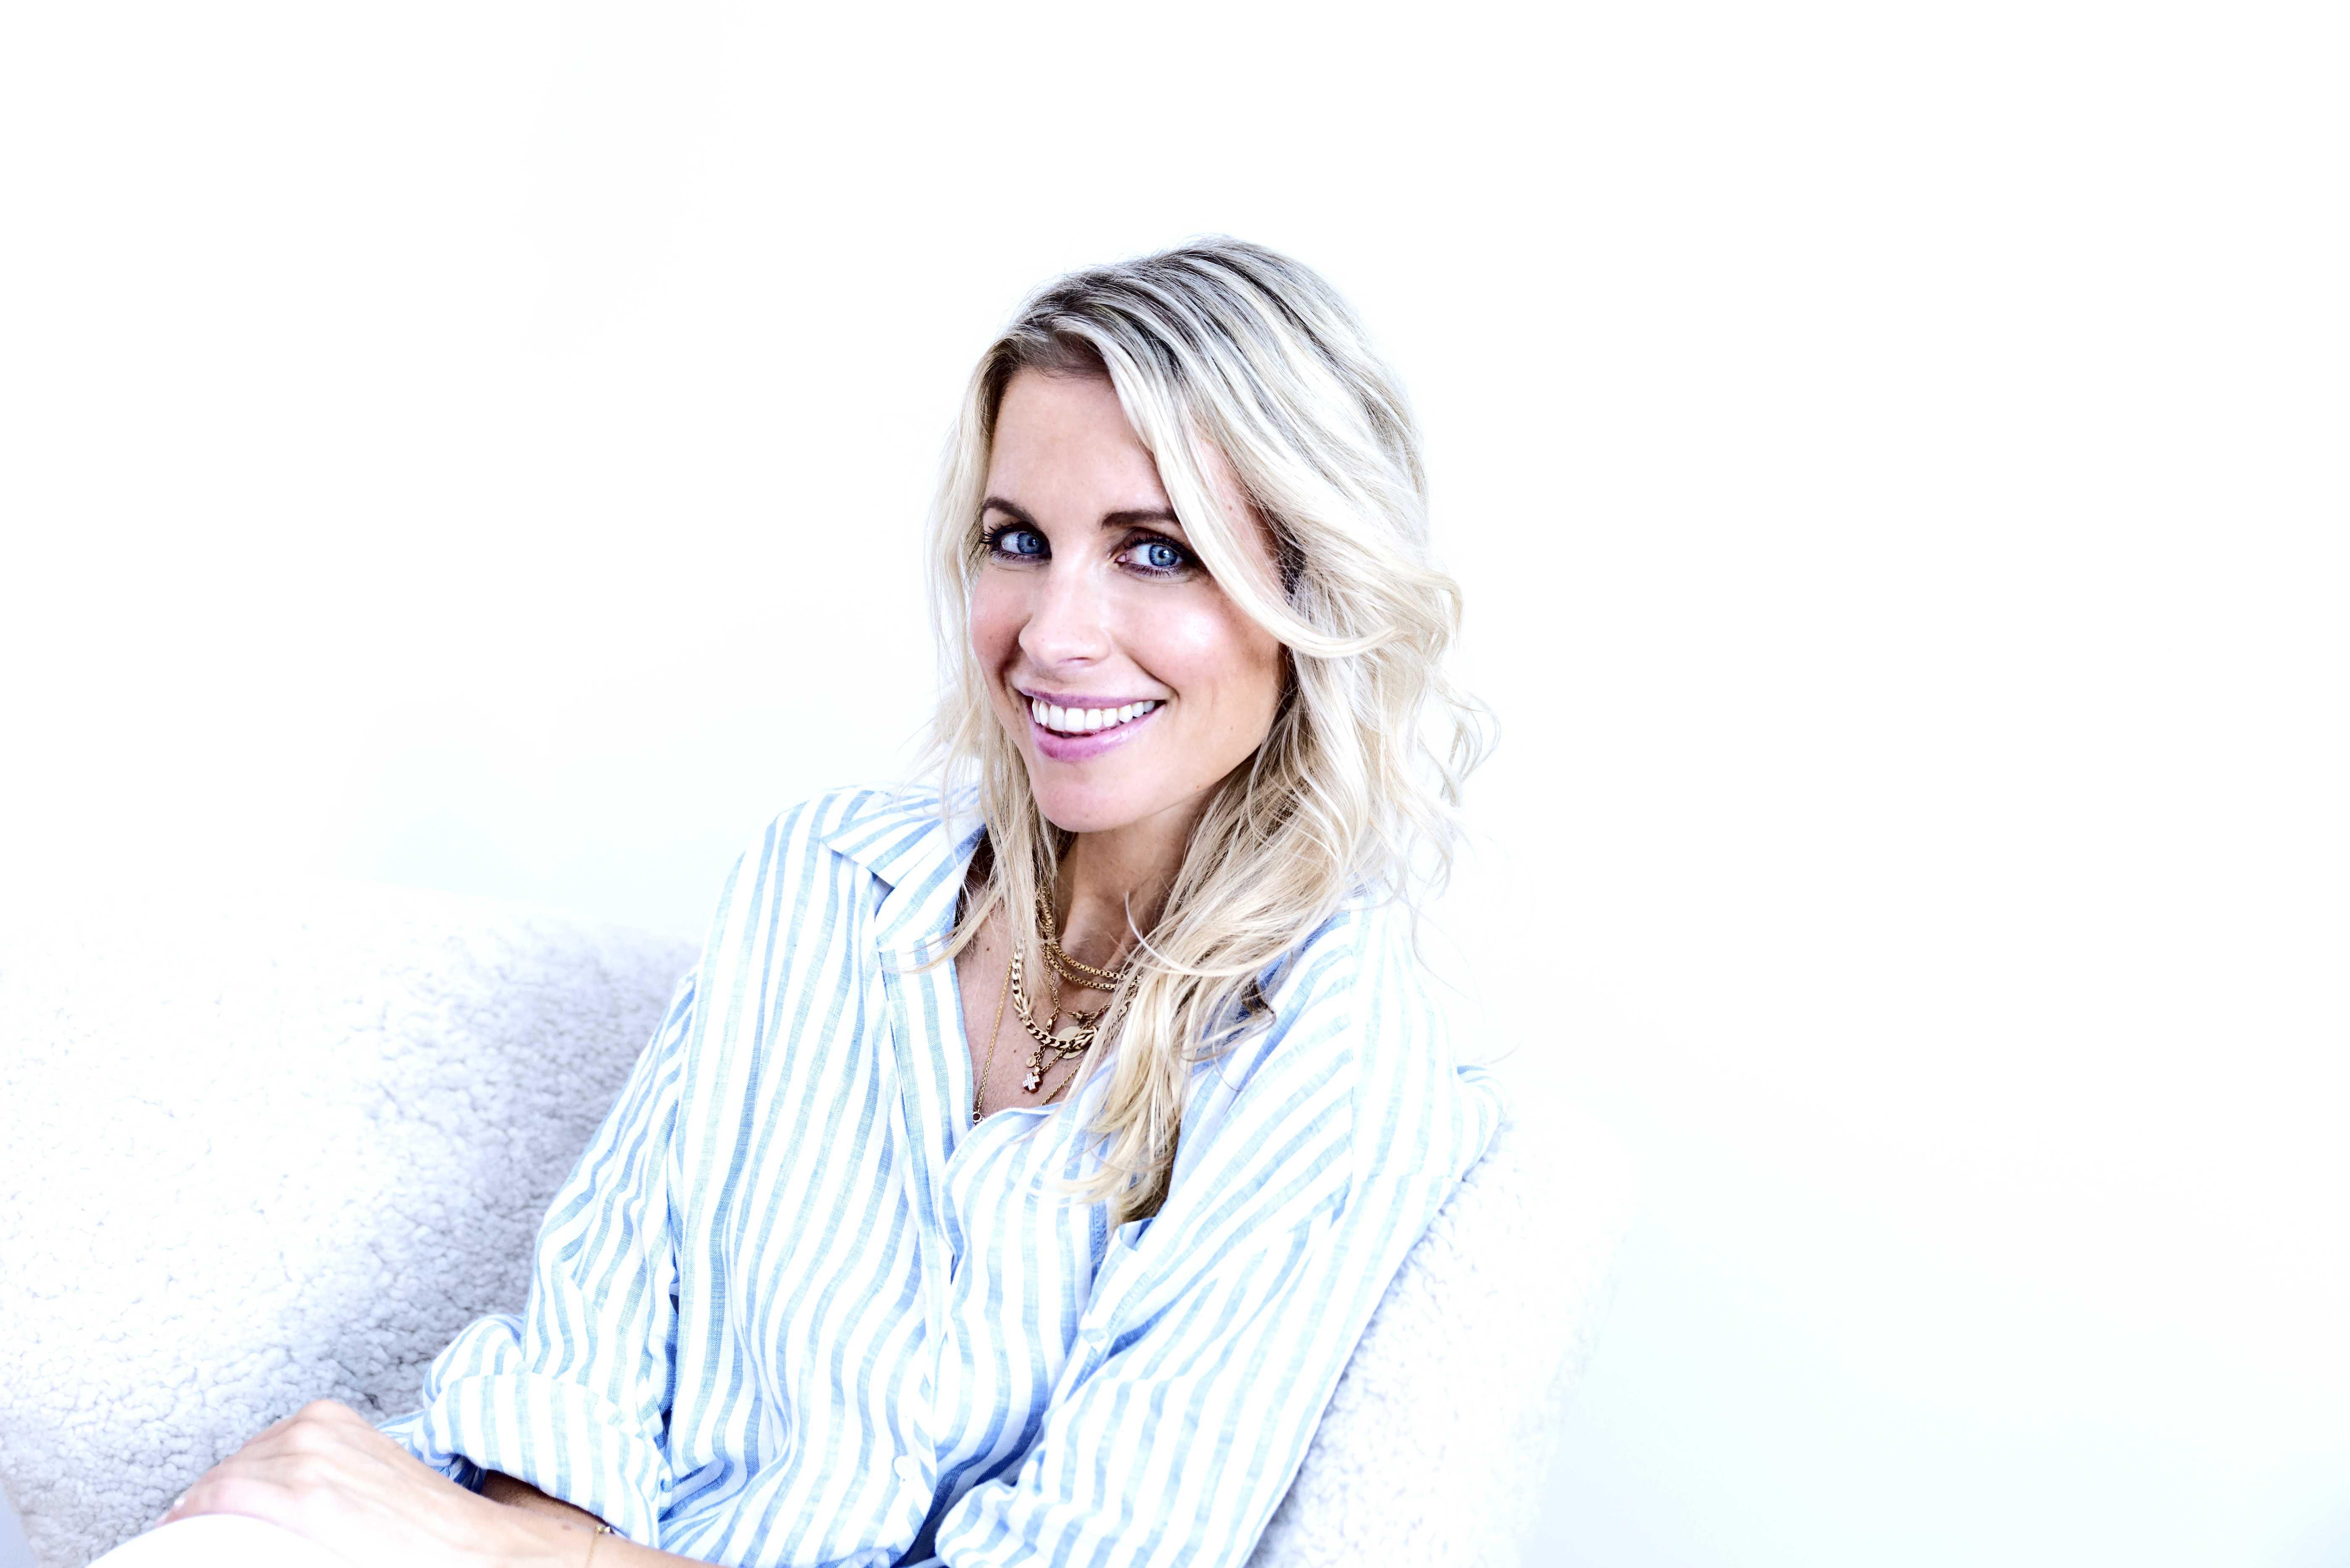 Vivian Reijs geeft tips om af te vallen: 'Hormonen bepalen alles in je lichaam'